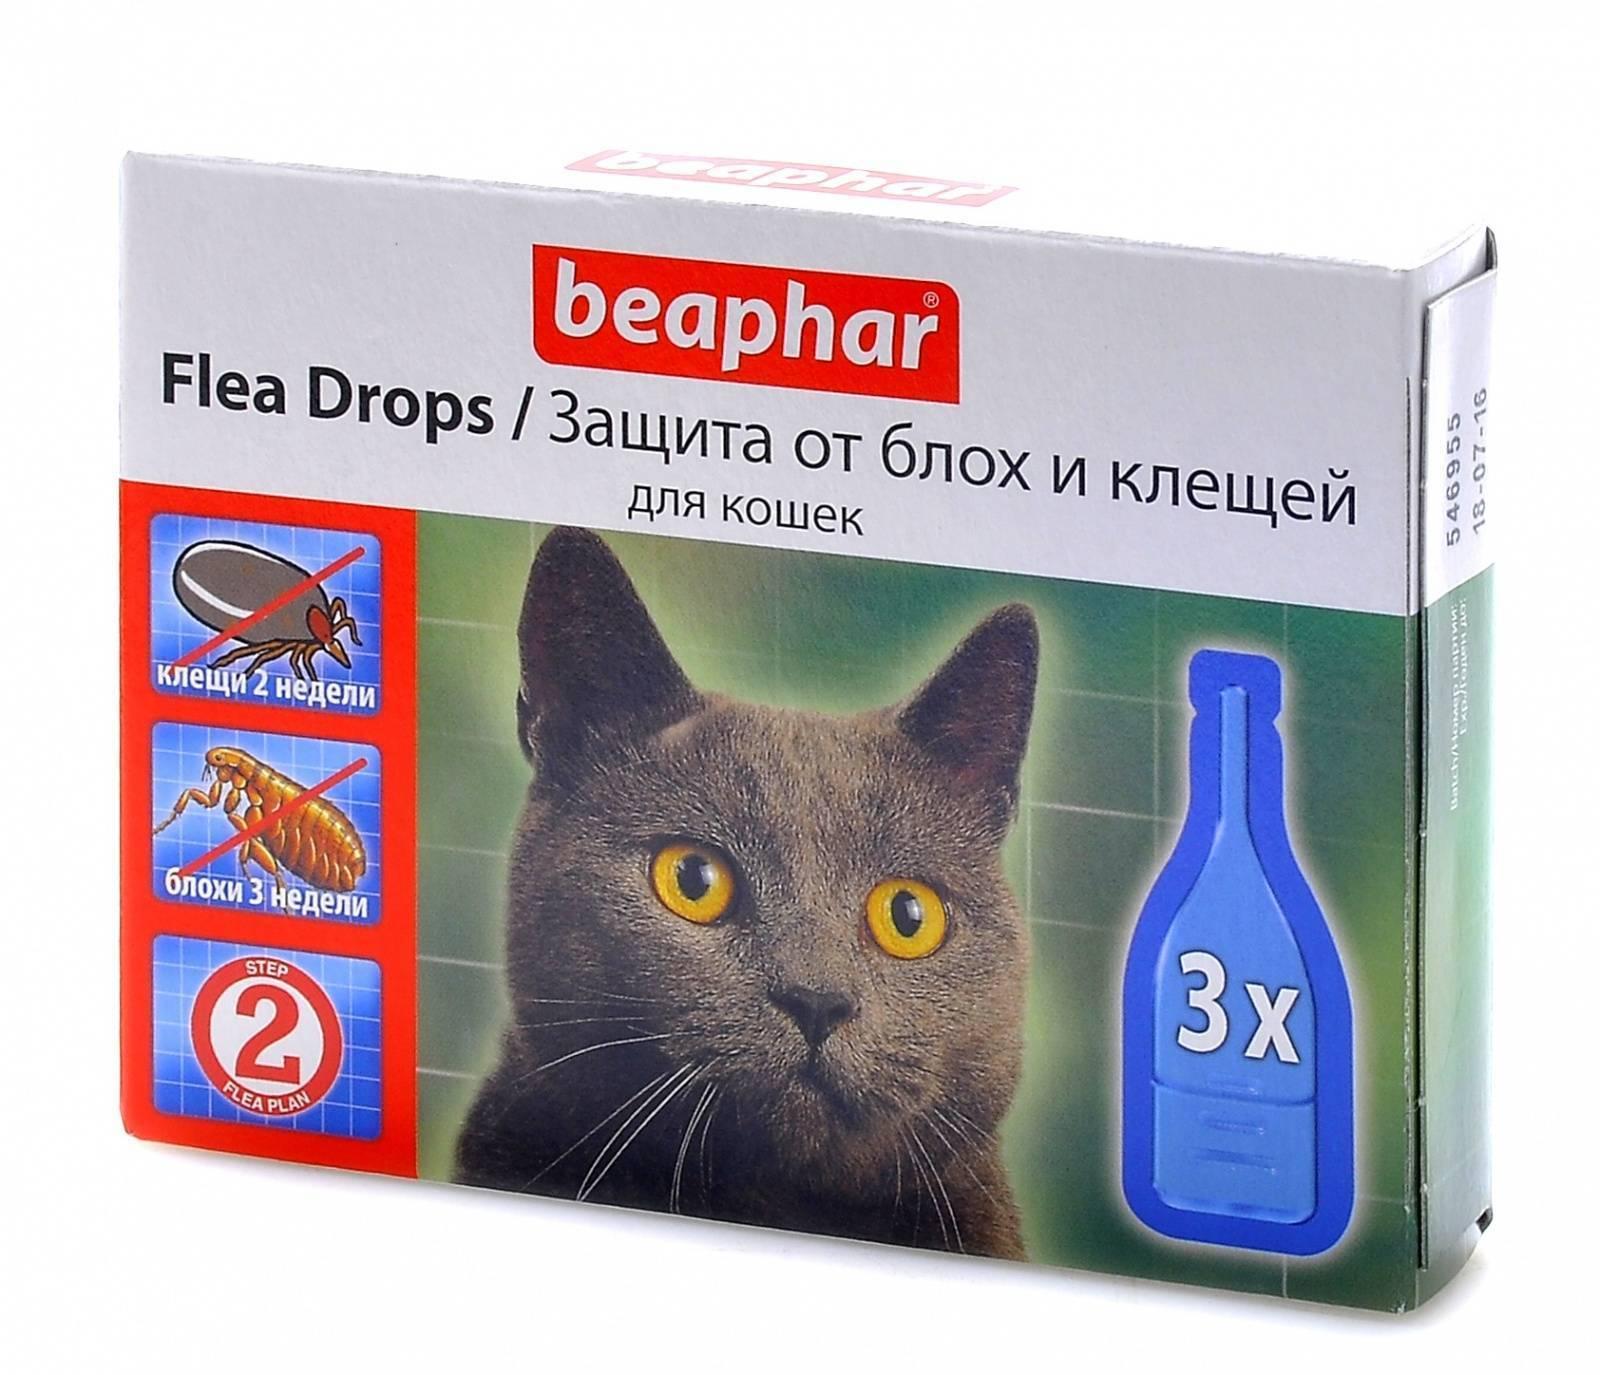 Лучшие капли на холку для кошек от блох и глистов